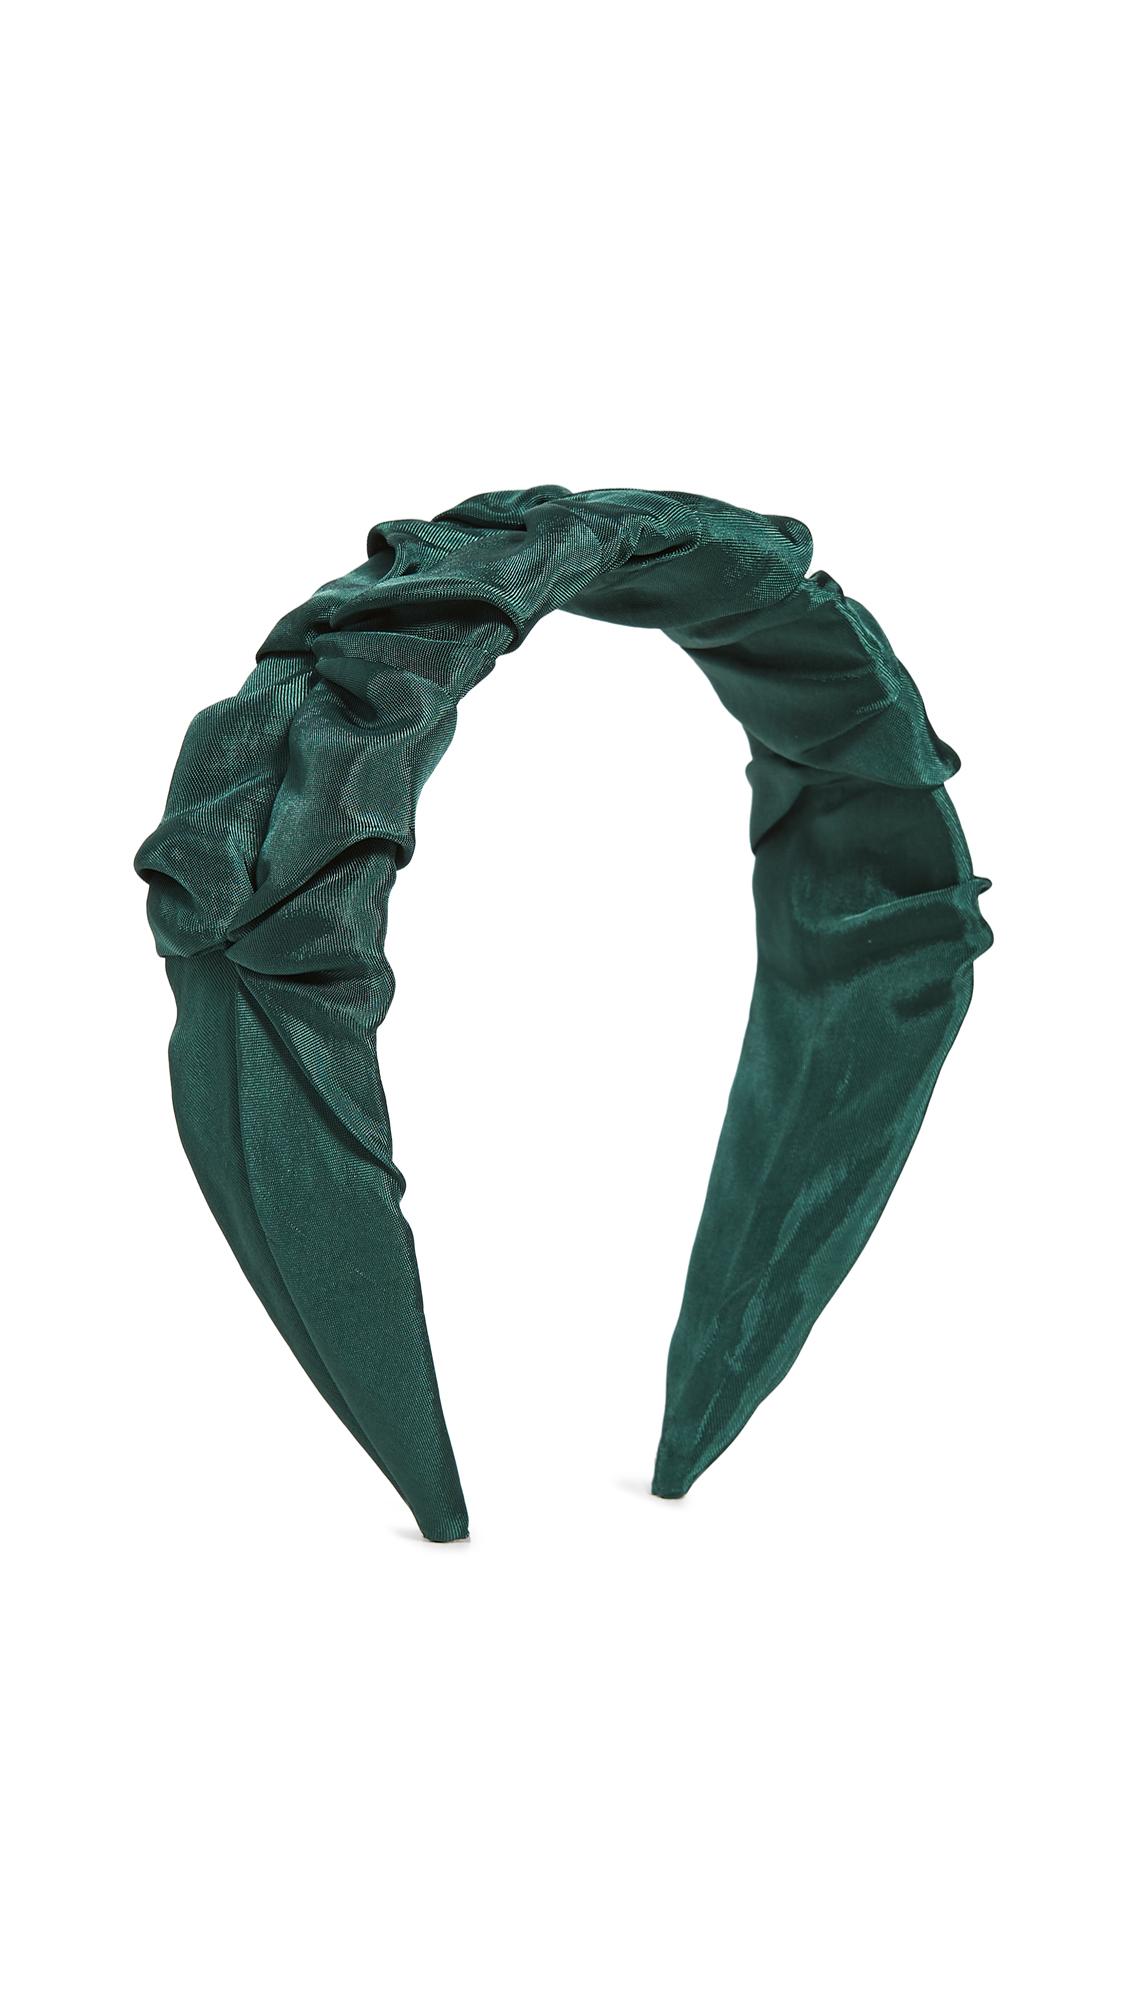 SHASHI Etoile Headband